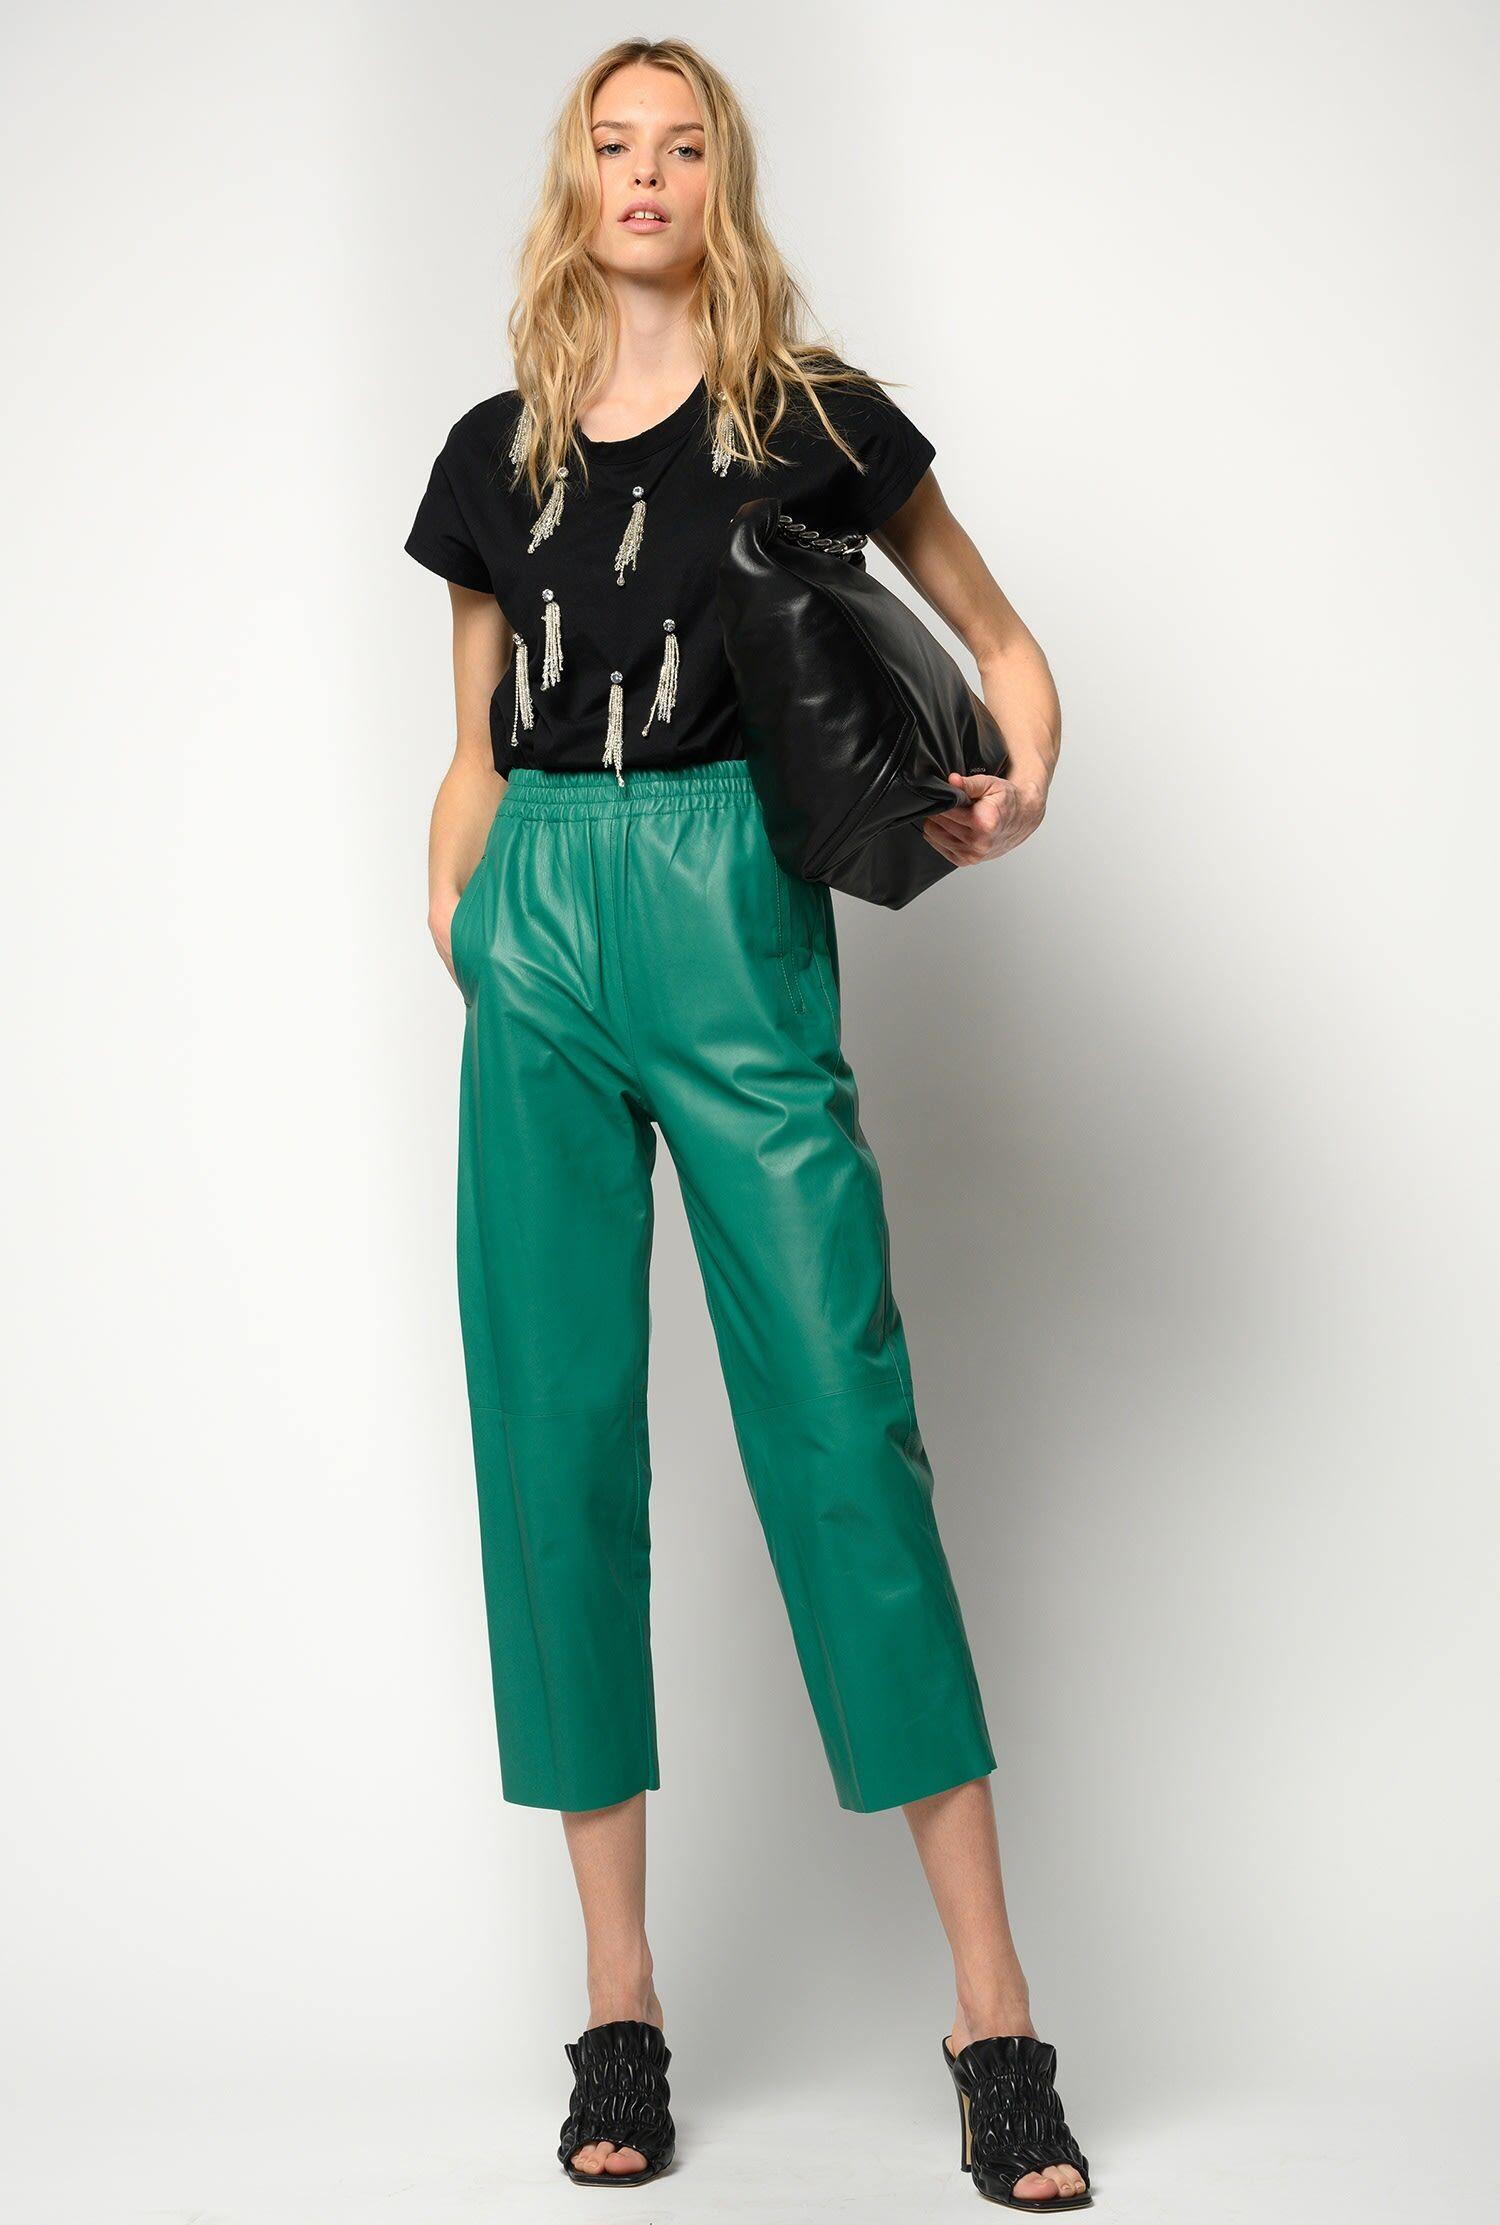 Pantaloni In Pelle Ultralight - Pinko